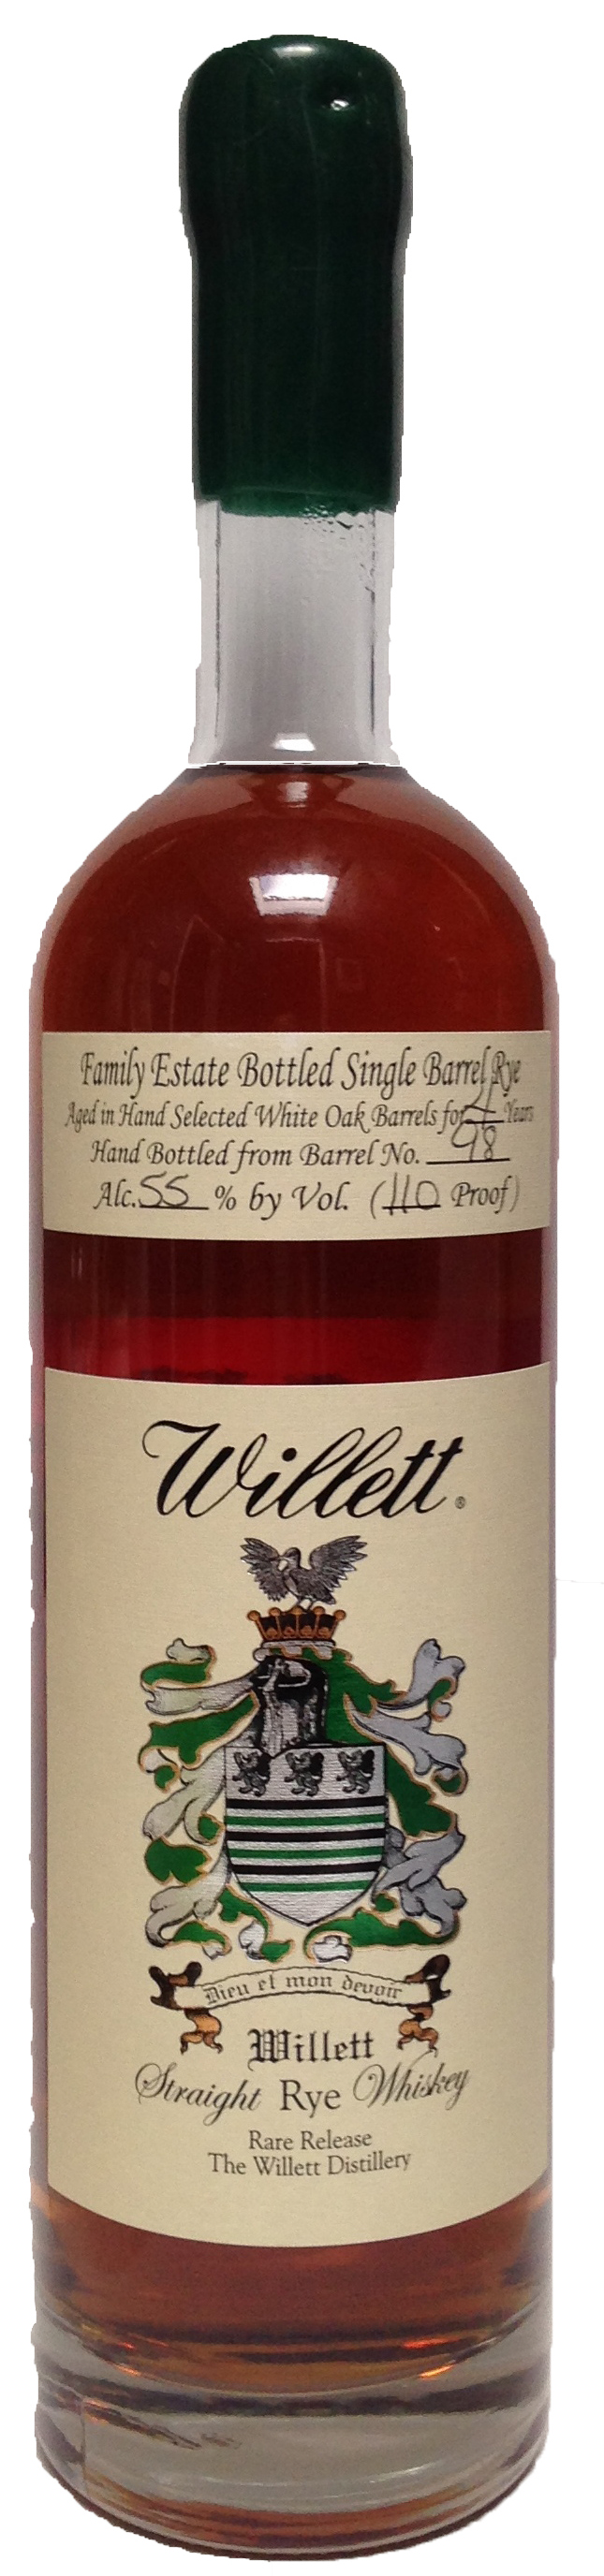 Willett 4 Year Old Rye Barrel 98 Whiskey Jack Daniels Whiskey Bottle Rye Whiskey